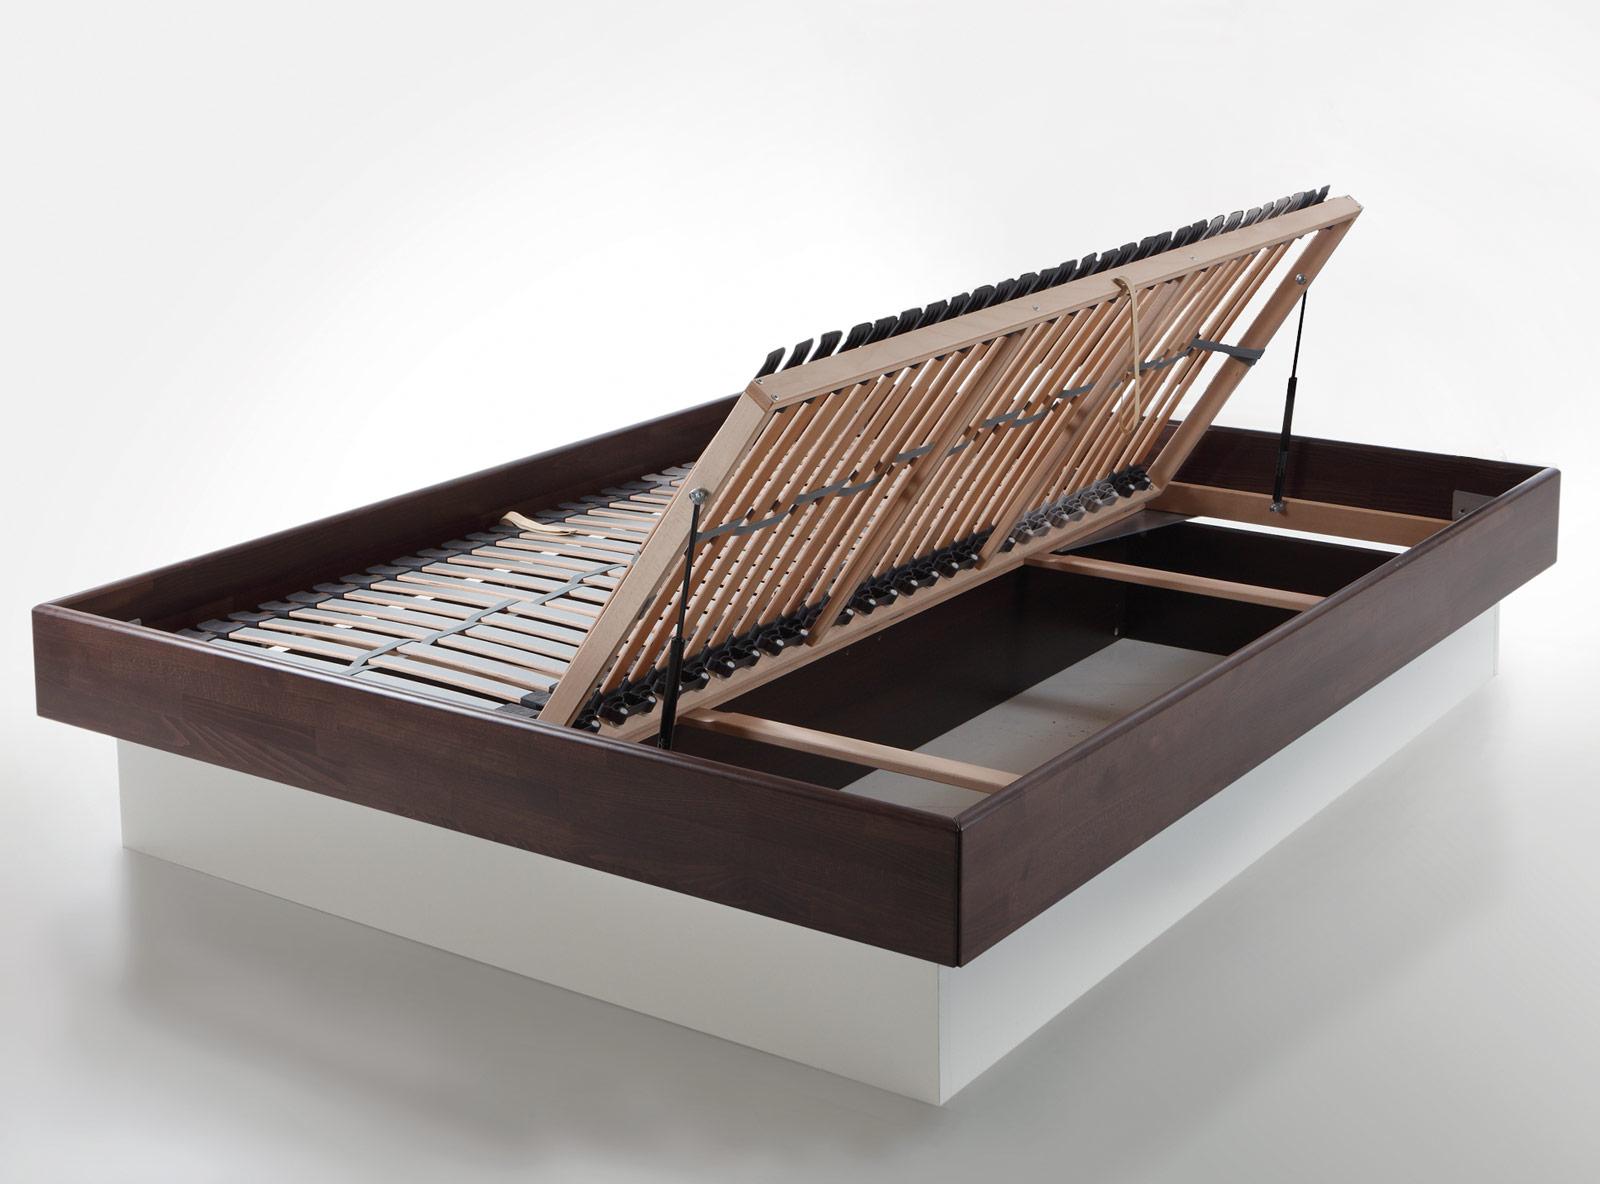 sockelbett aus kernesche mit optionalem bettkasten partido. Black Bedroom Furniture Sets. Home Design Ideas